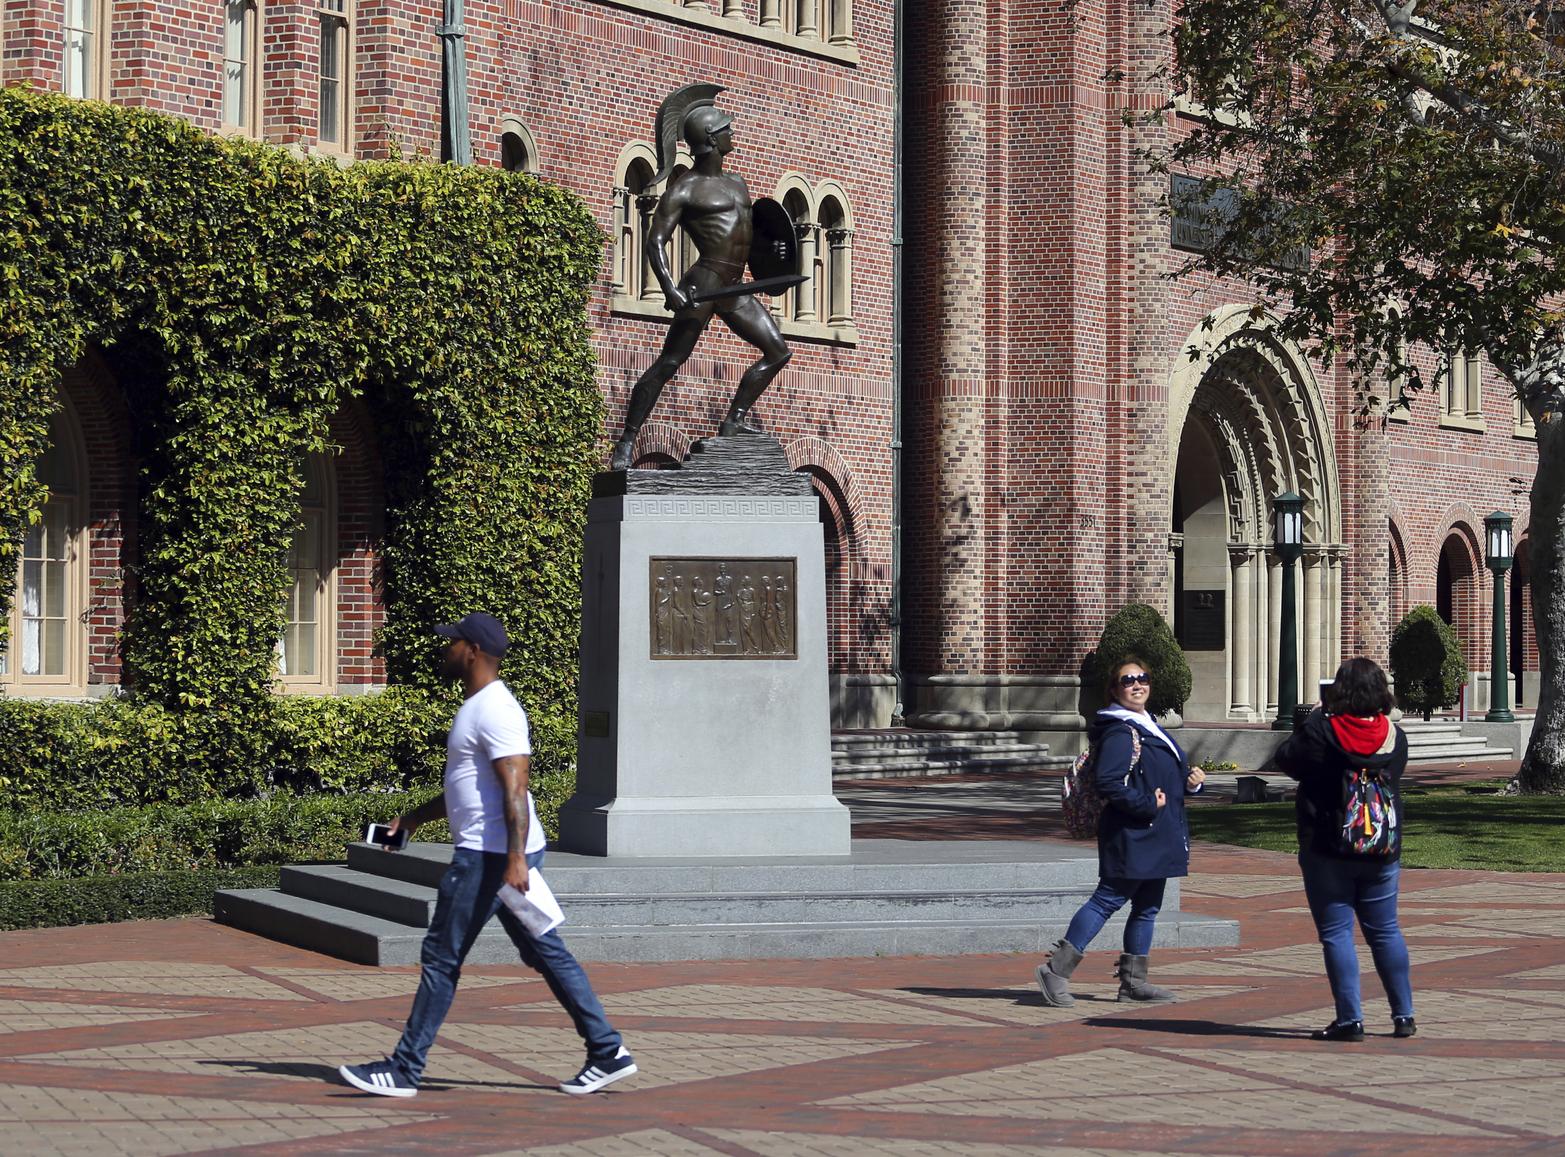 南加州大學(USC)本學期內有9名學生死亡。(美聯社)